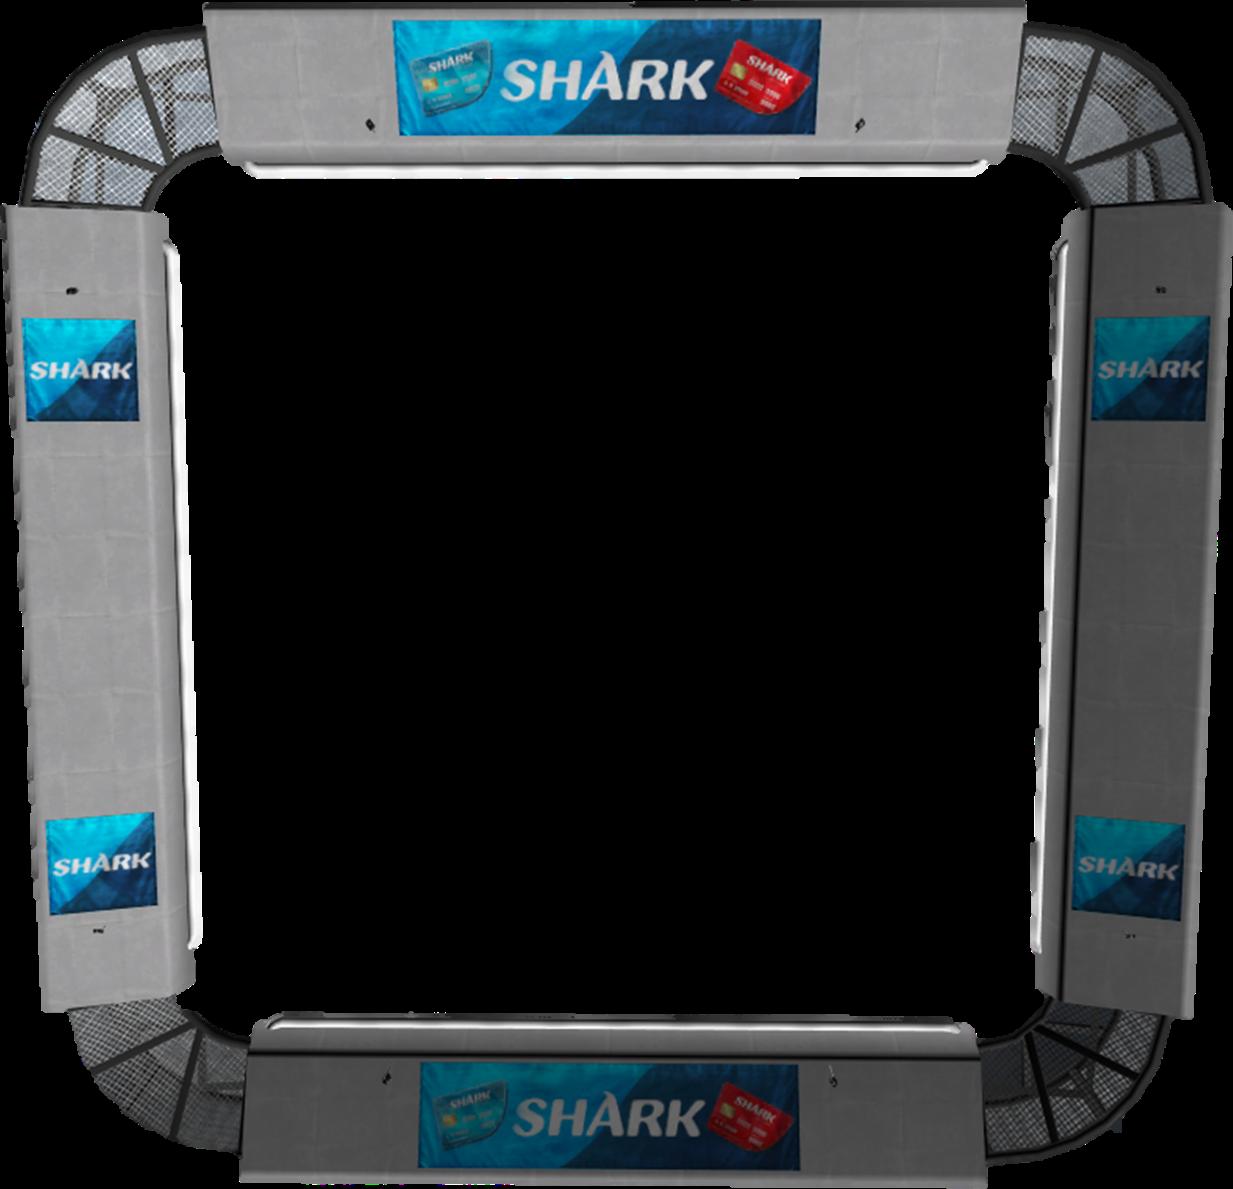 Shark-Neontafel.png